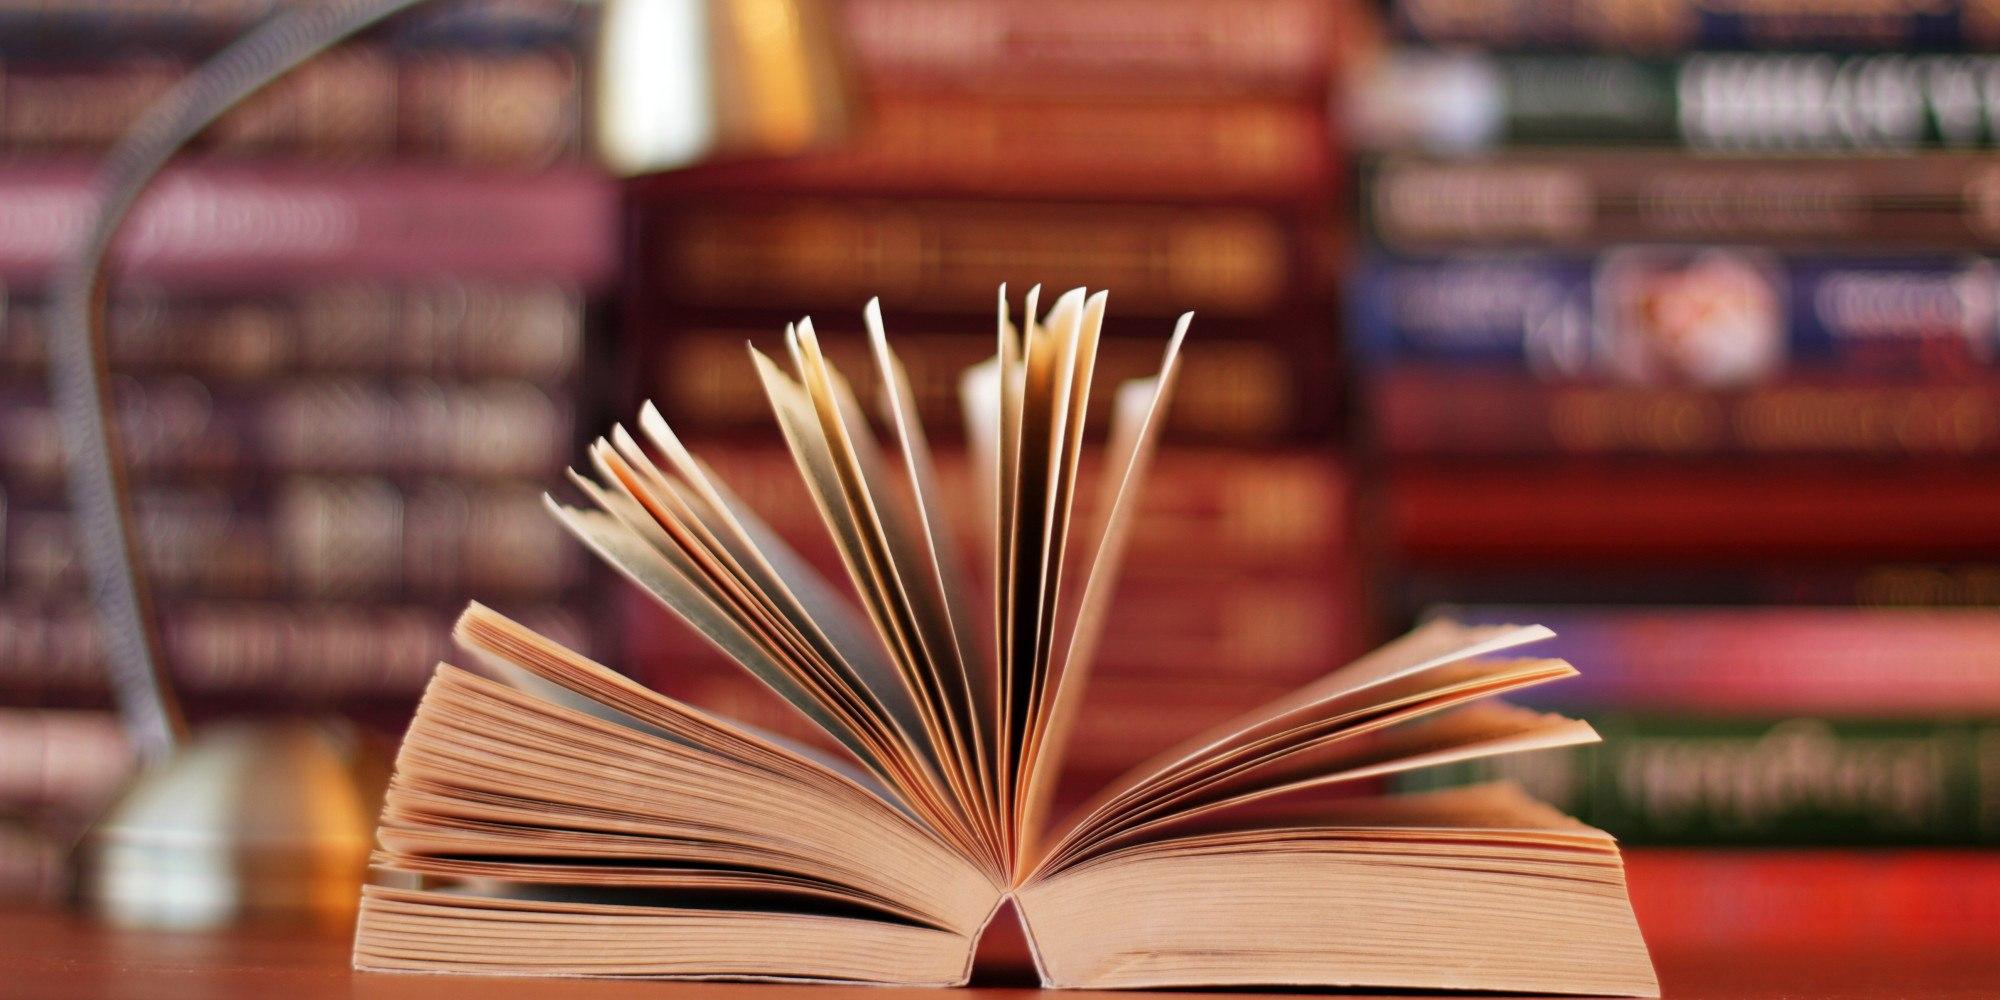 Книги, которые советует читать Марк Цукерберг: